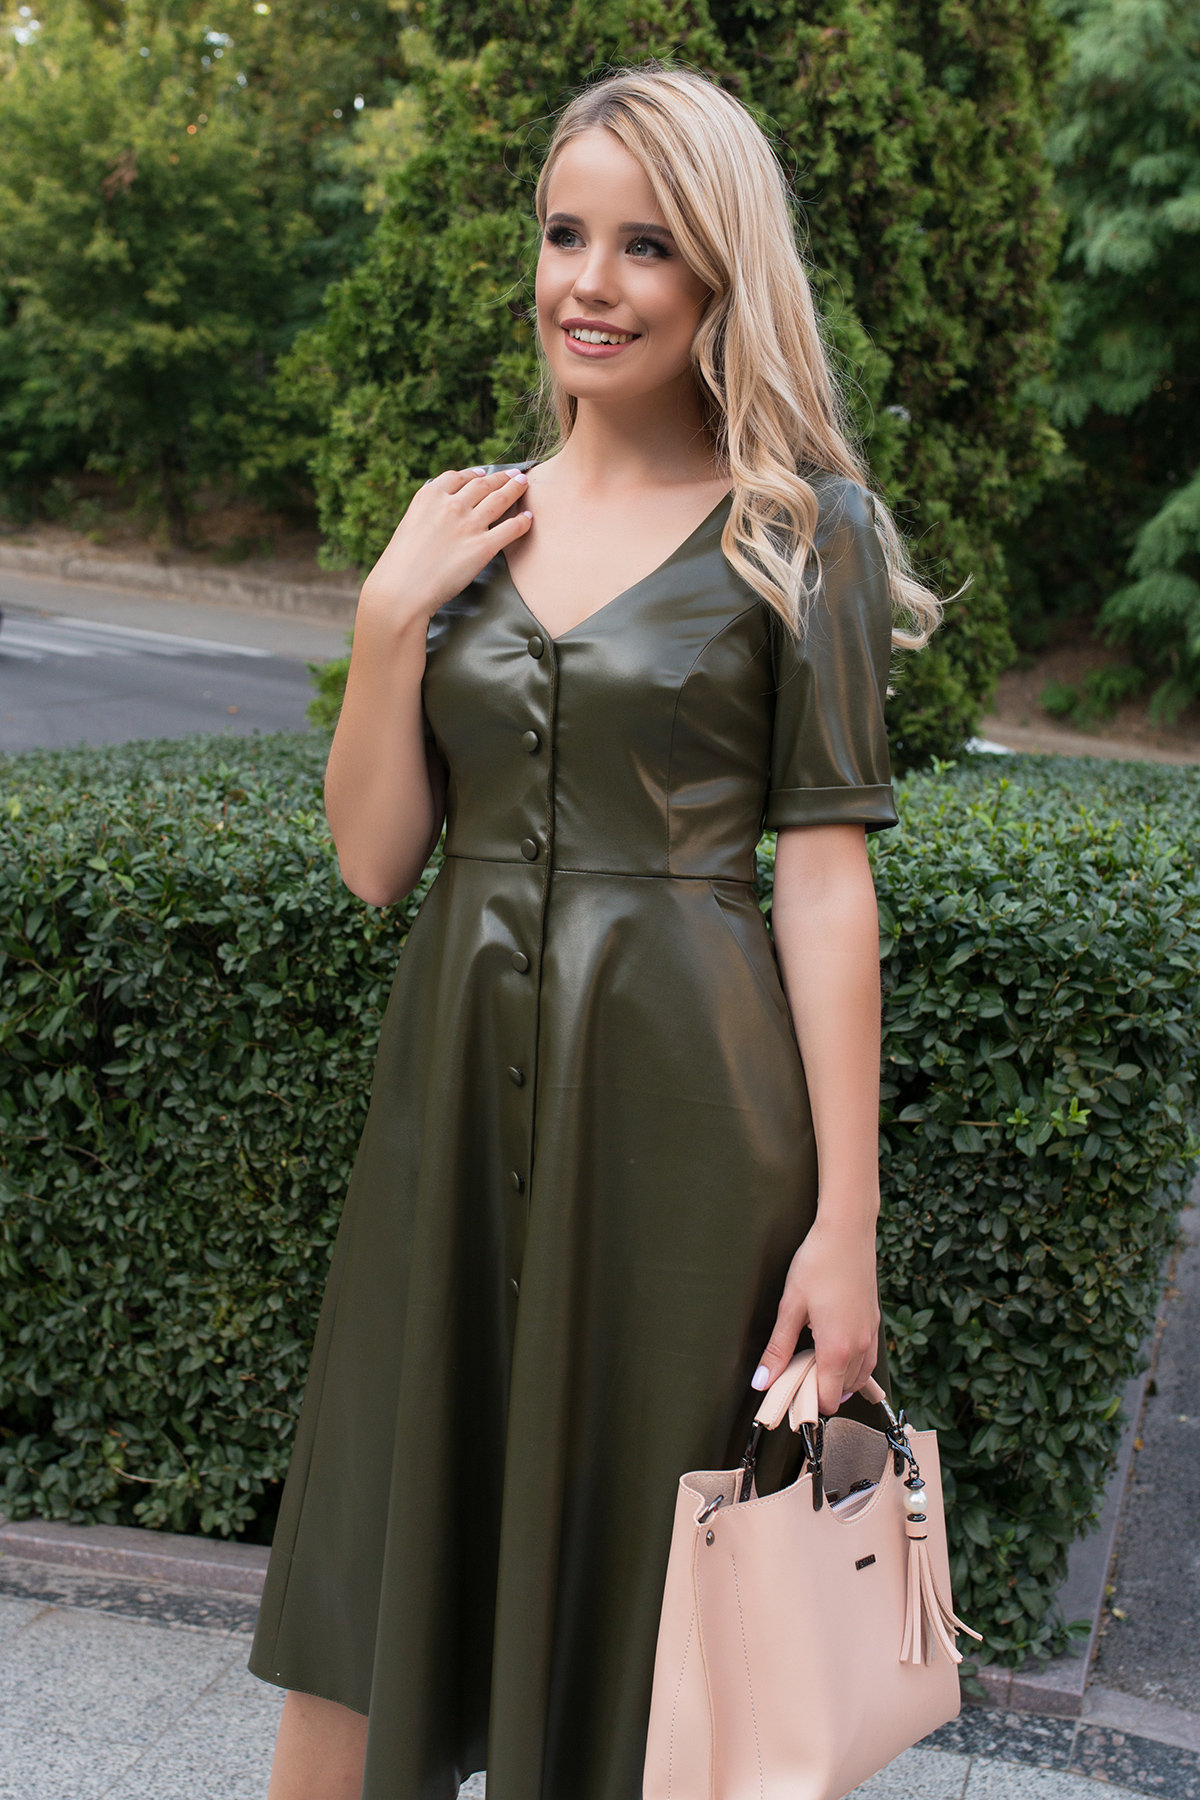 Платье длинной ниже колена Фернанда 7875 АРТ. 43845 Цвет: Хаки - фото 3, интернет магазин tm-modus.ru